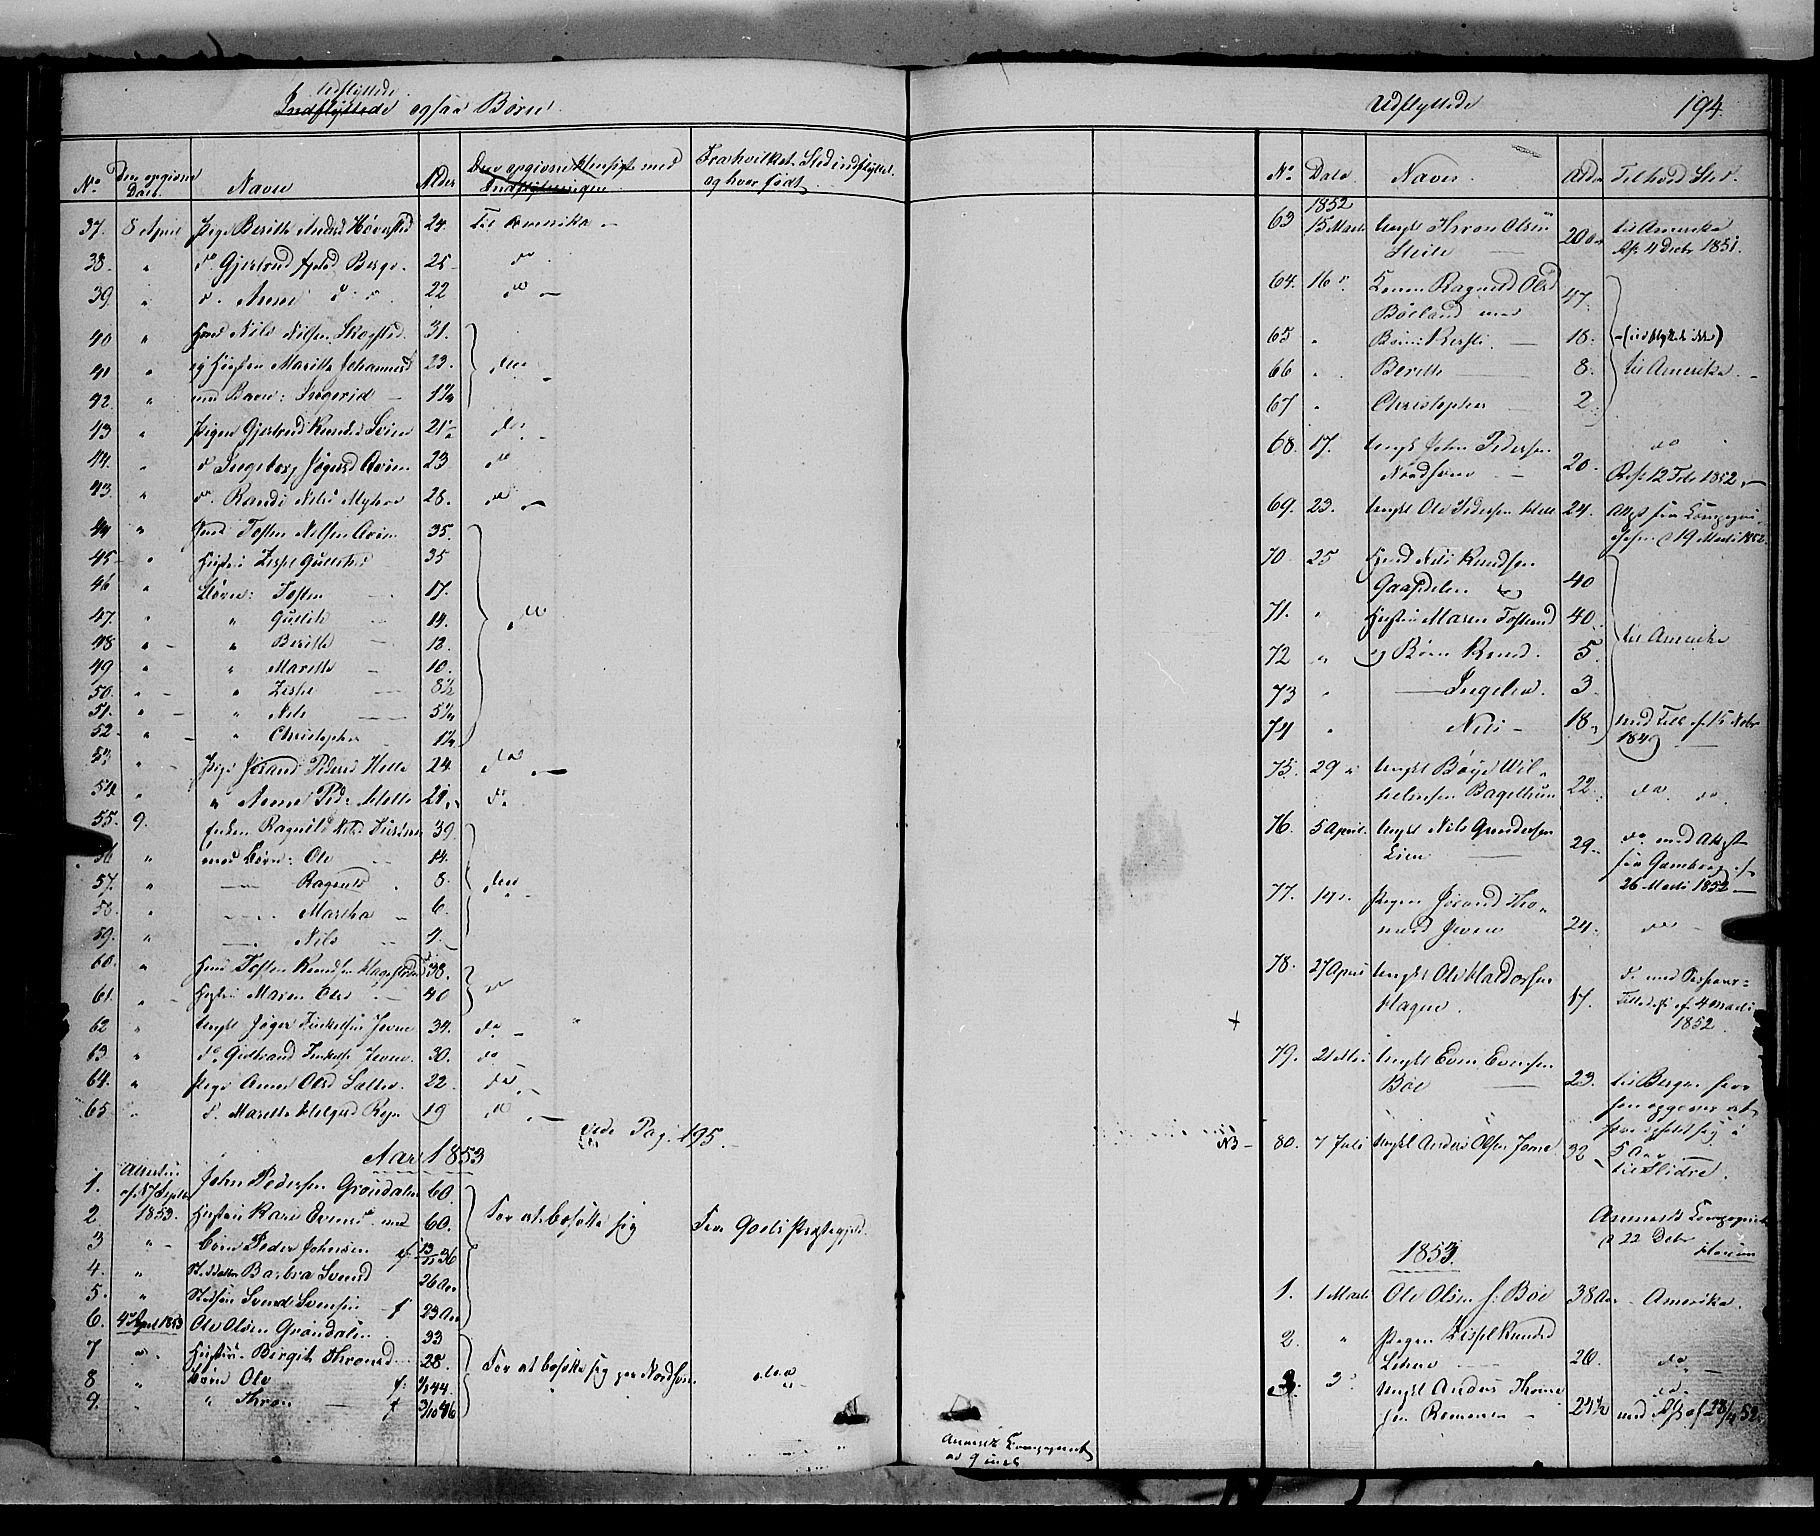 SAH, Vang prestekontor, Valdres, Ministerialbok nr. 6, 1846-1864, s. 194